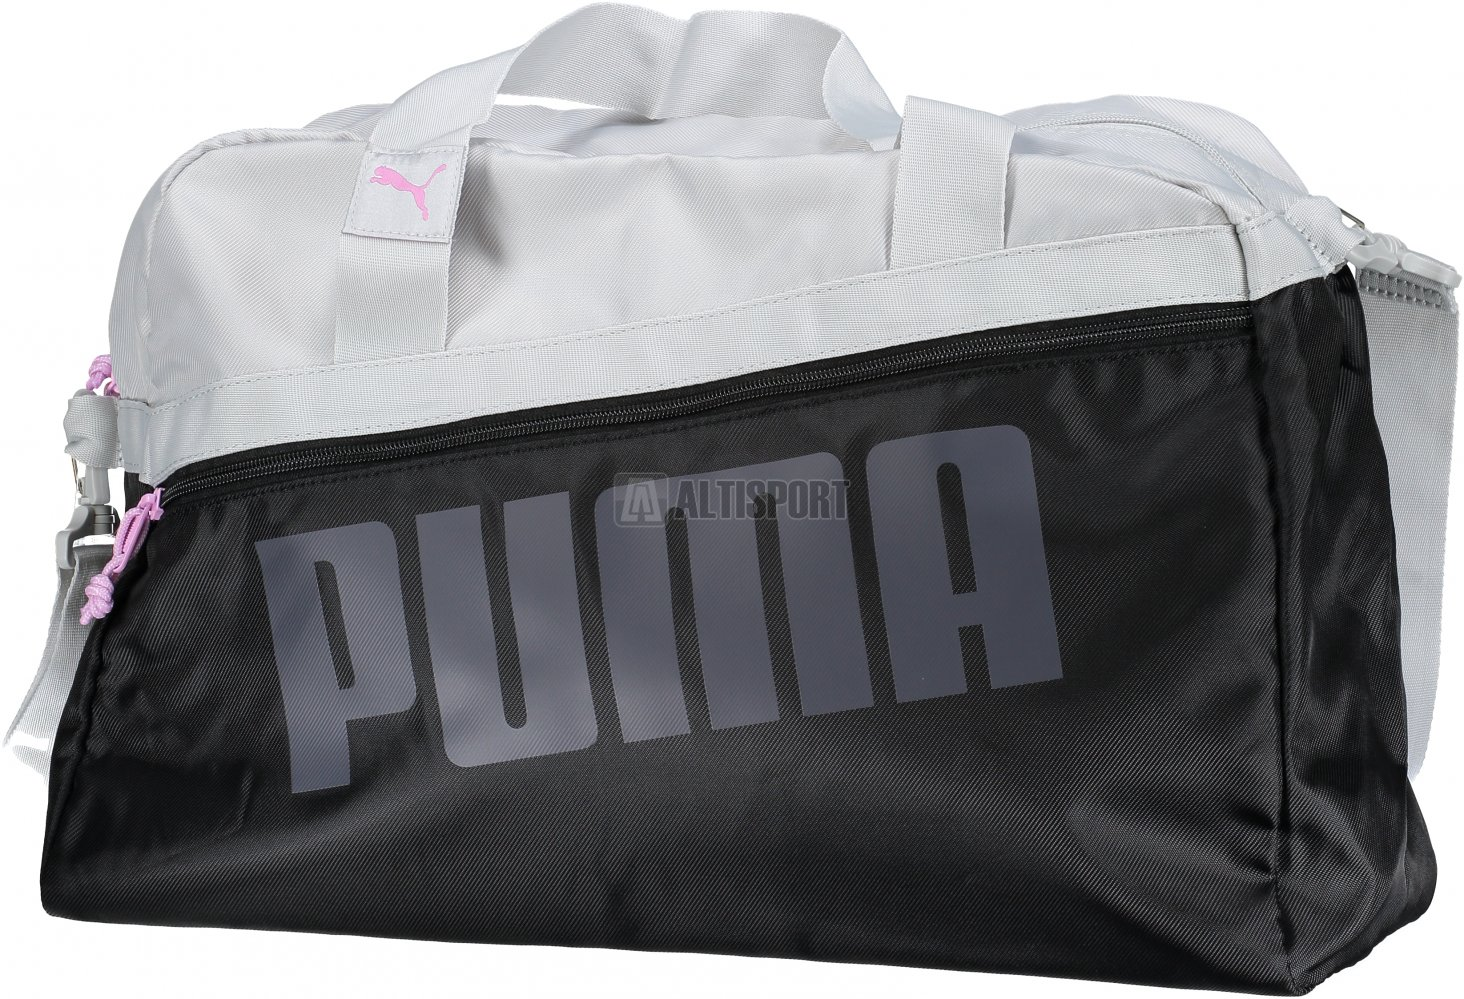 94680fb9d3 Dámská sportovní taška PUMA DANCER GRIP BAG 07546401 PUMA BLACK GRAY VIOLET